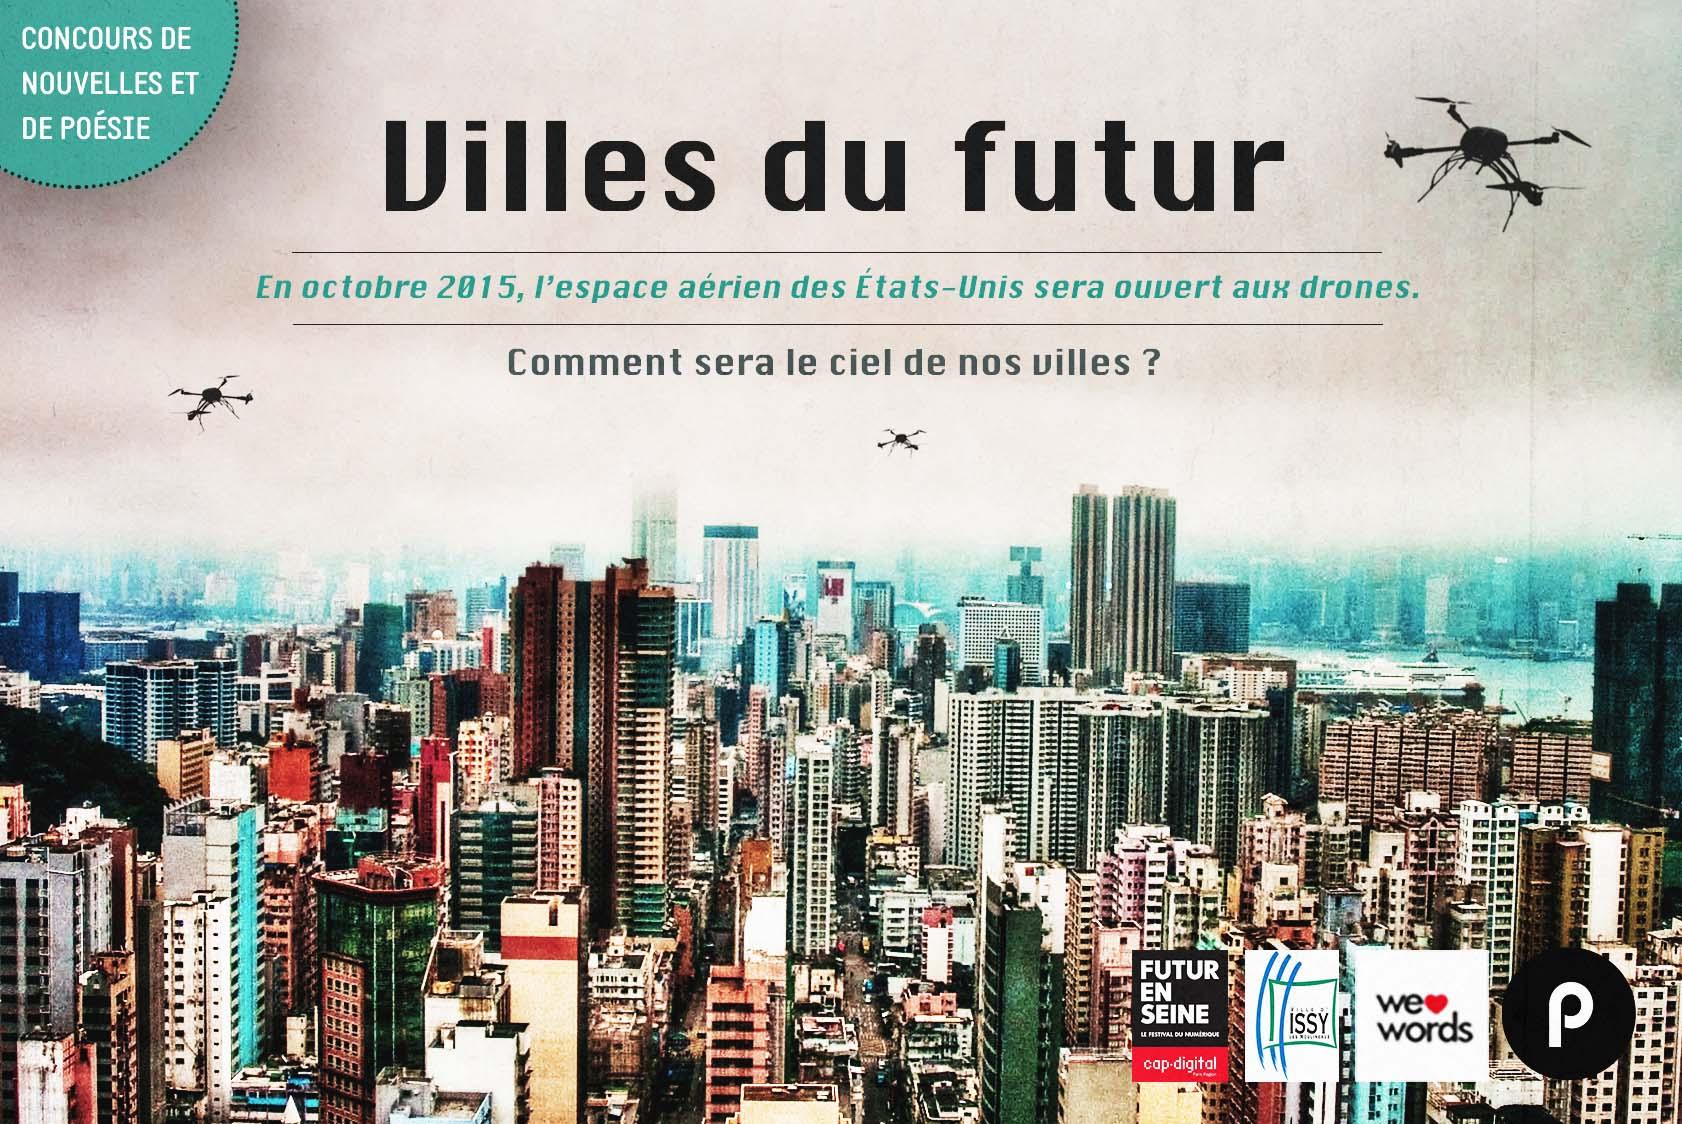 Villes du futur des drones dans le ciel concours en - Comment sera le futur ...